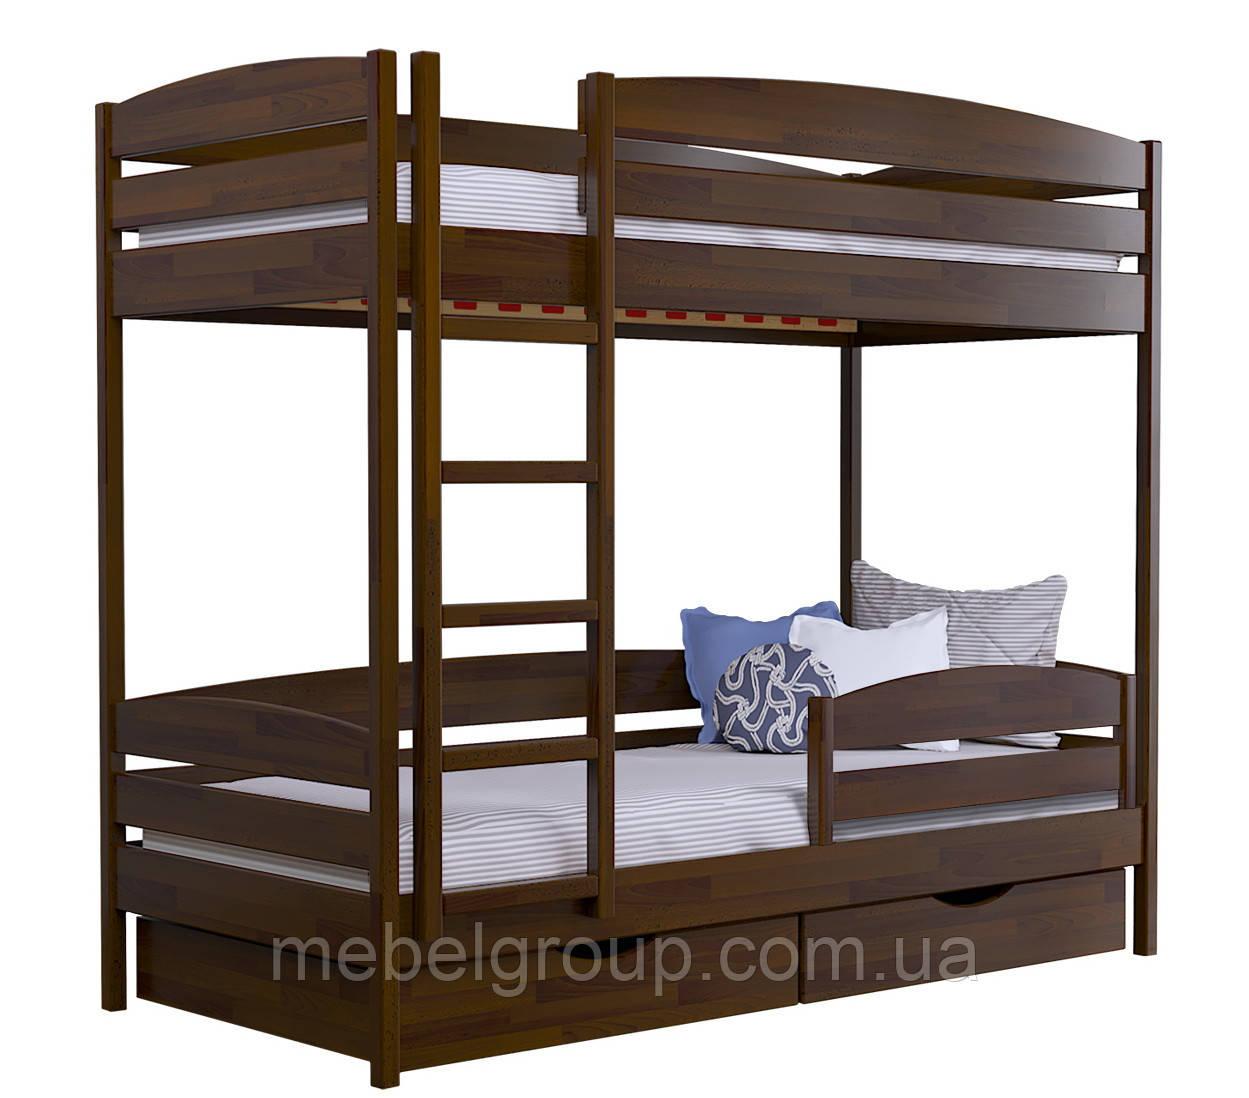 Двухъярусная кровать Дует Плюс Щит, с ящиками масив + защитный бортик